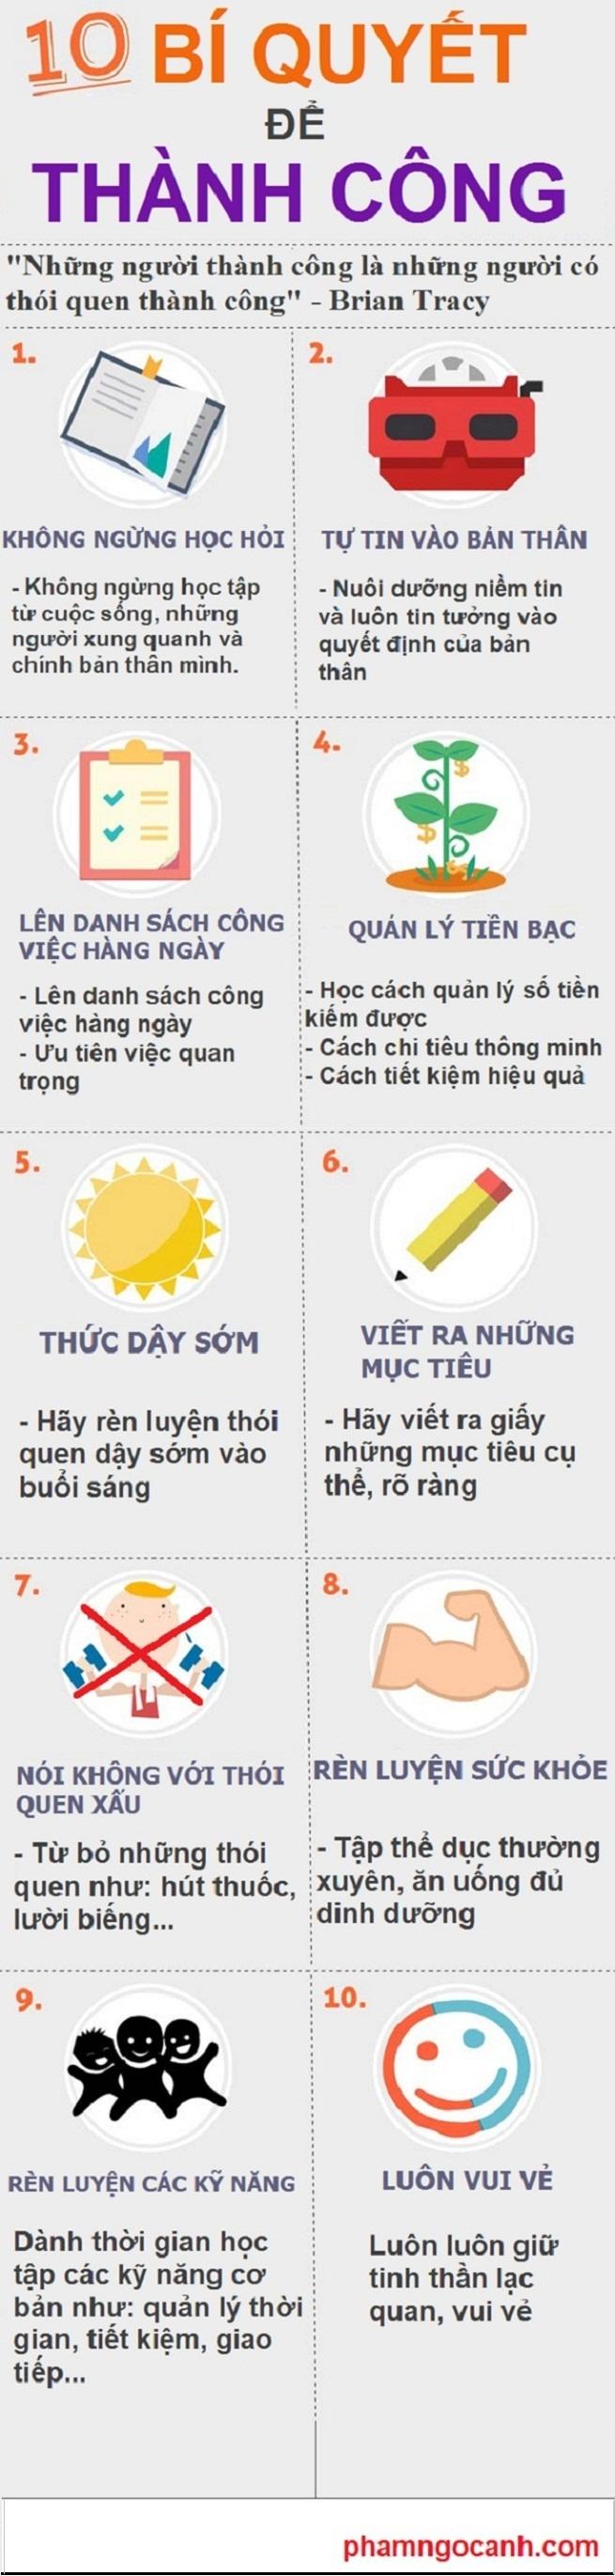 10 bí quyết giúp bạn thành công